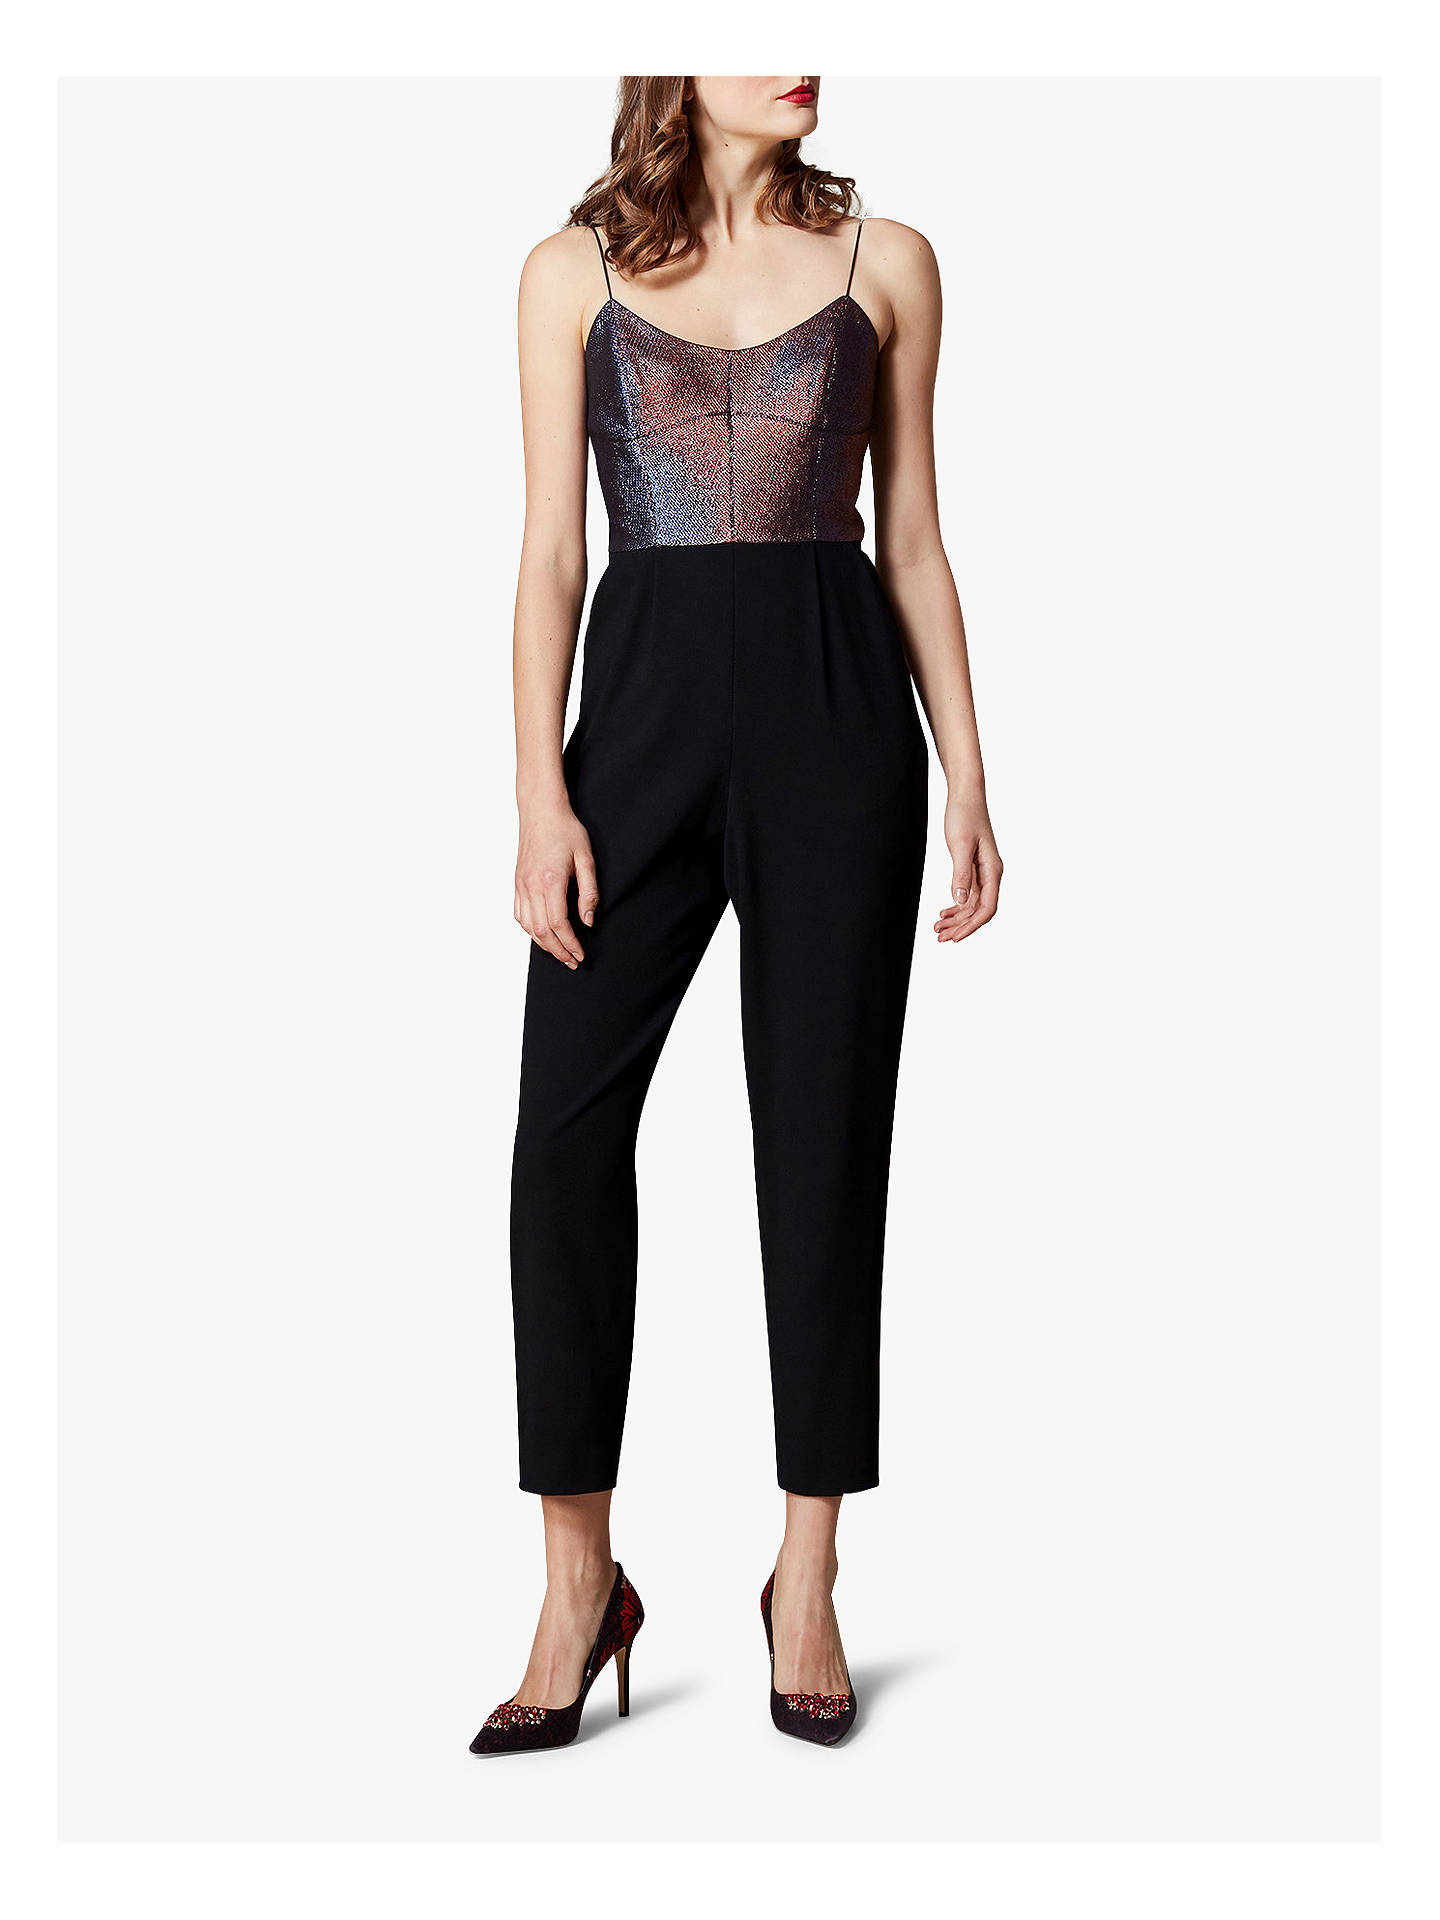 41fe6154806 Buy Karen Millen Metallic Top Jumpsuit